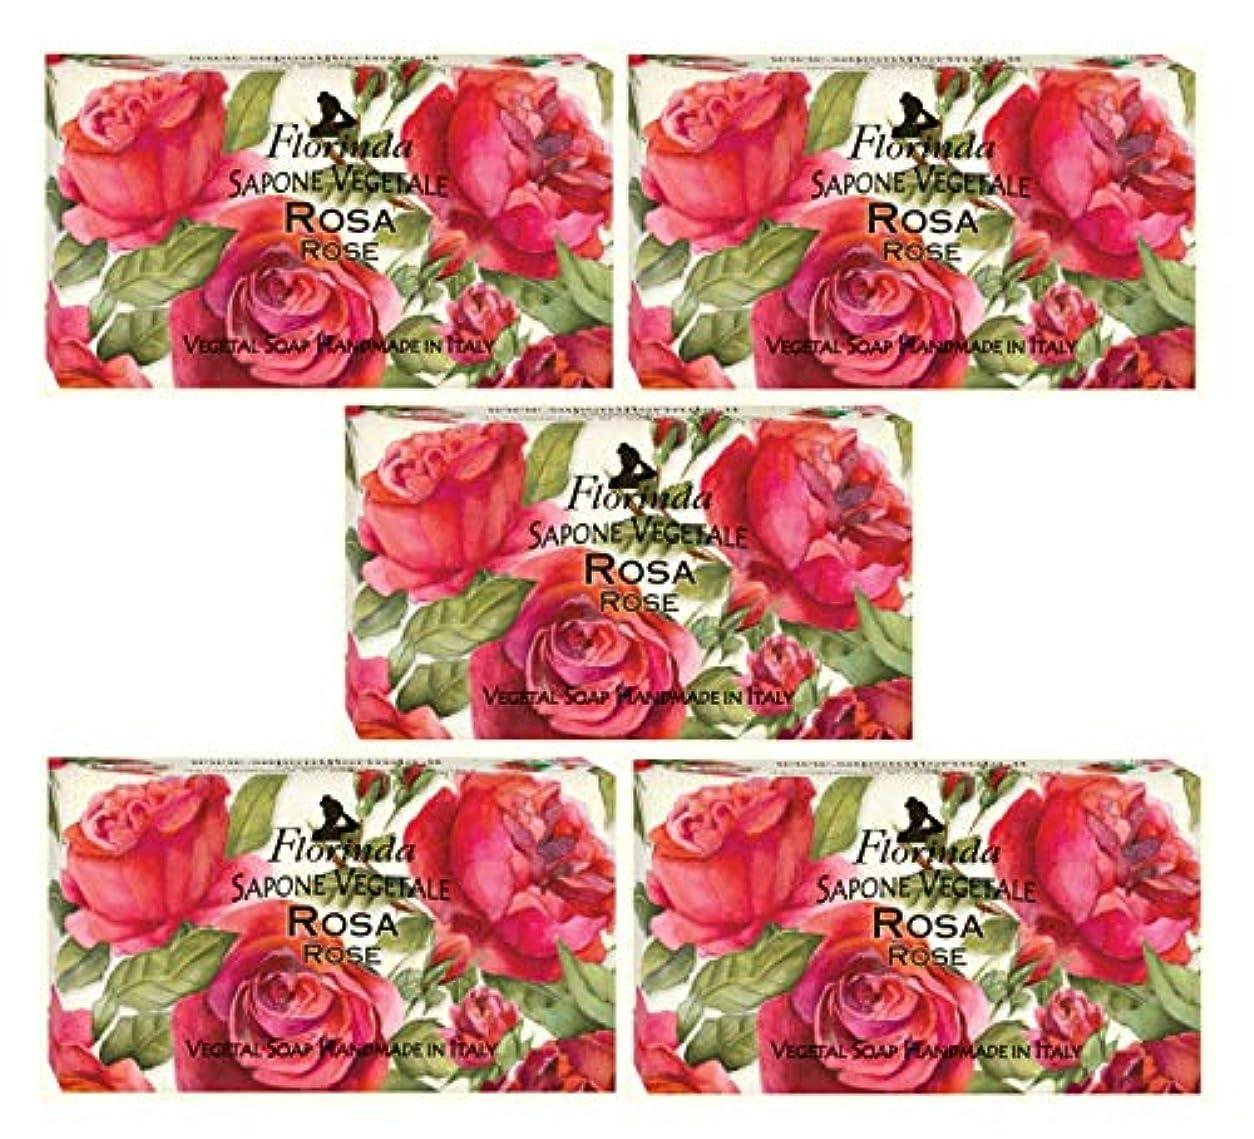 とにかく確認愛されし者フロリンダ フレグランスソープ 固形石けん 花の香り ローズ 95g×5個セット